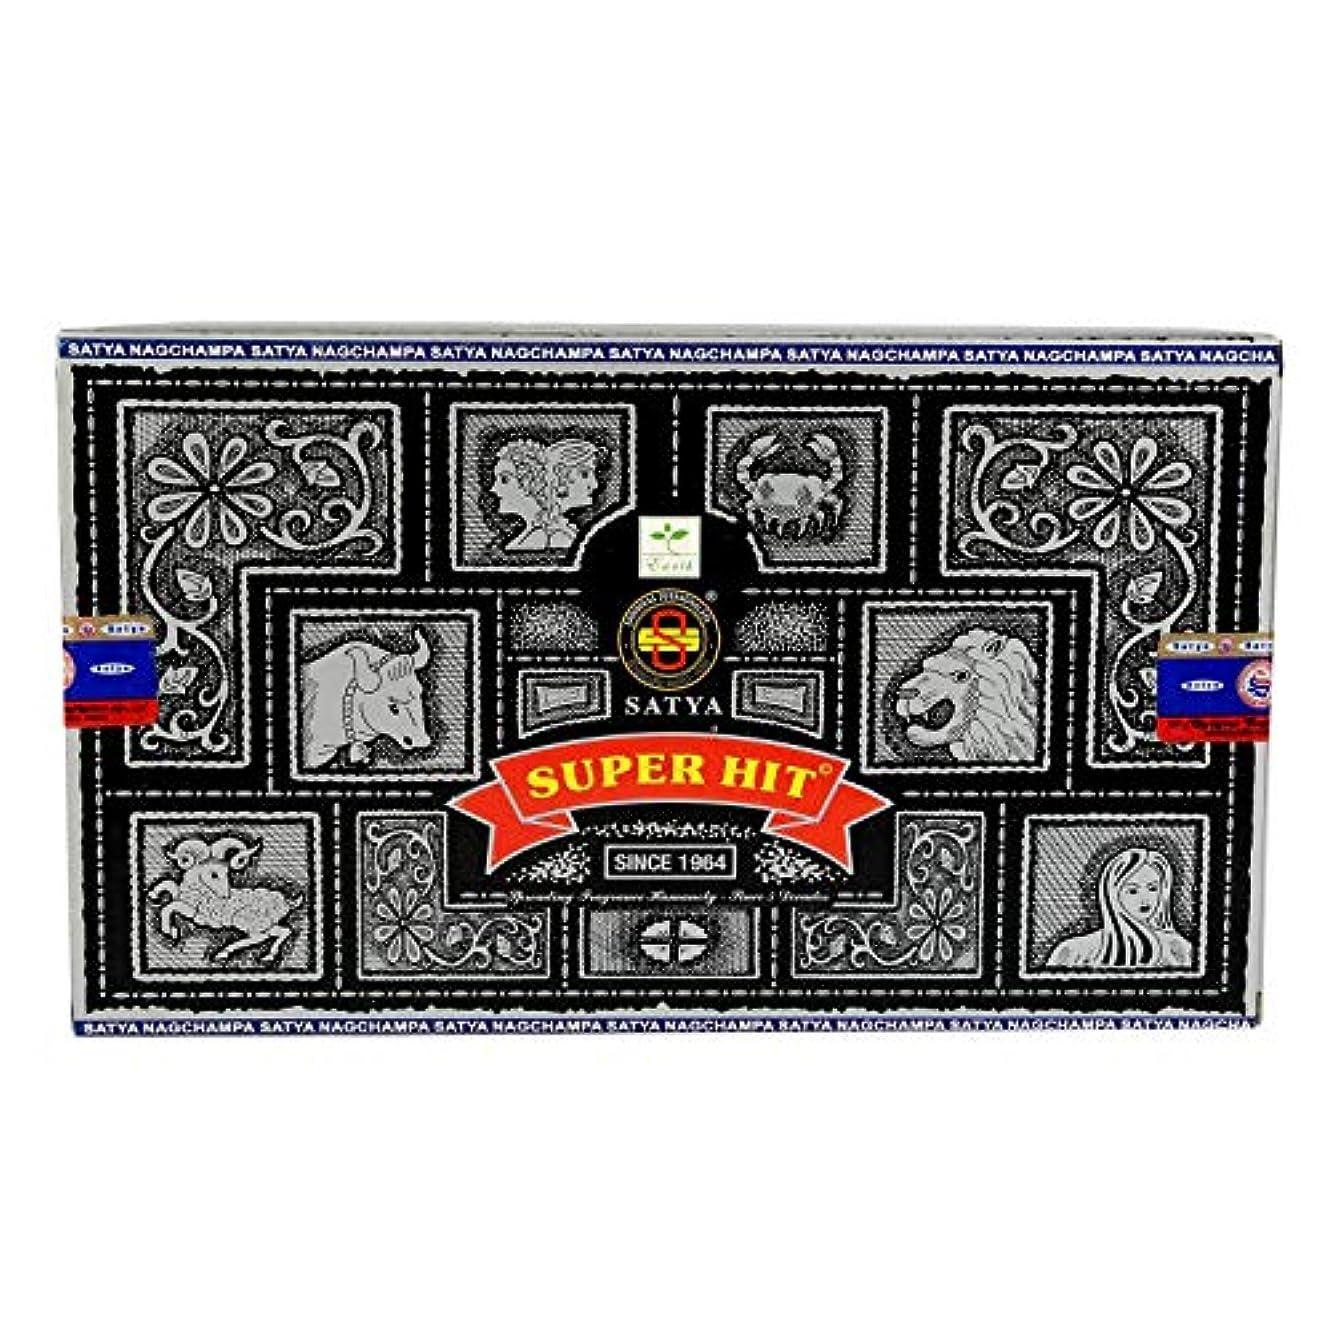 トレース剪断チェリーCRAFTSTRIBE Satya Sai Baba オリジナルお香 ハンドメイド マサラ アガーバティ Pack of 12 Pcs CT-INS-09